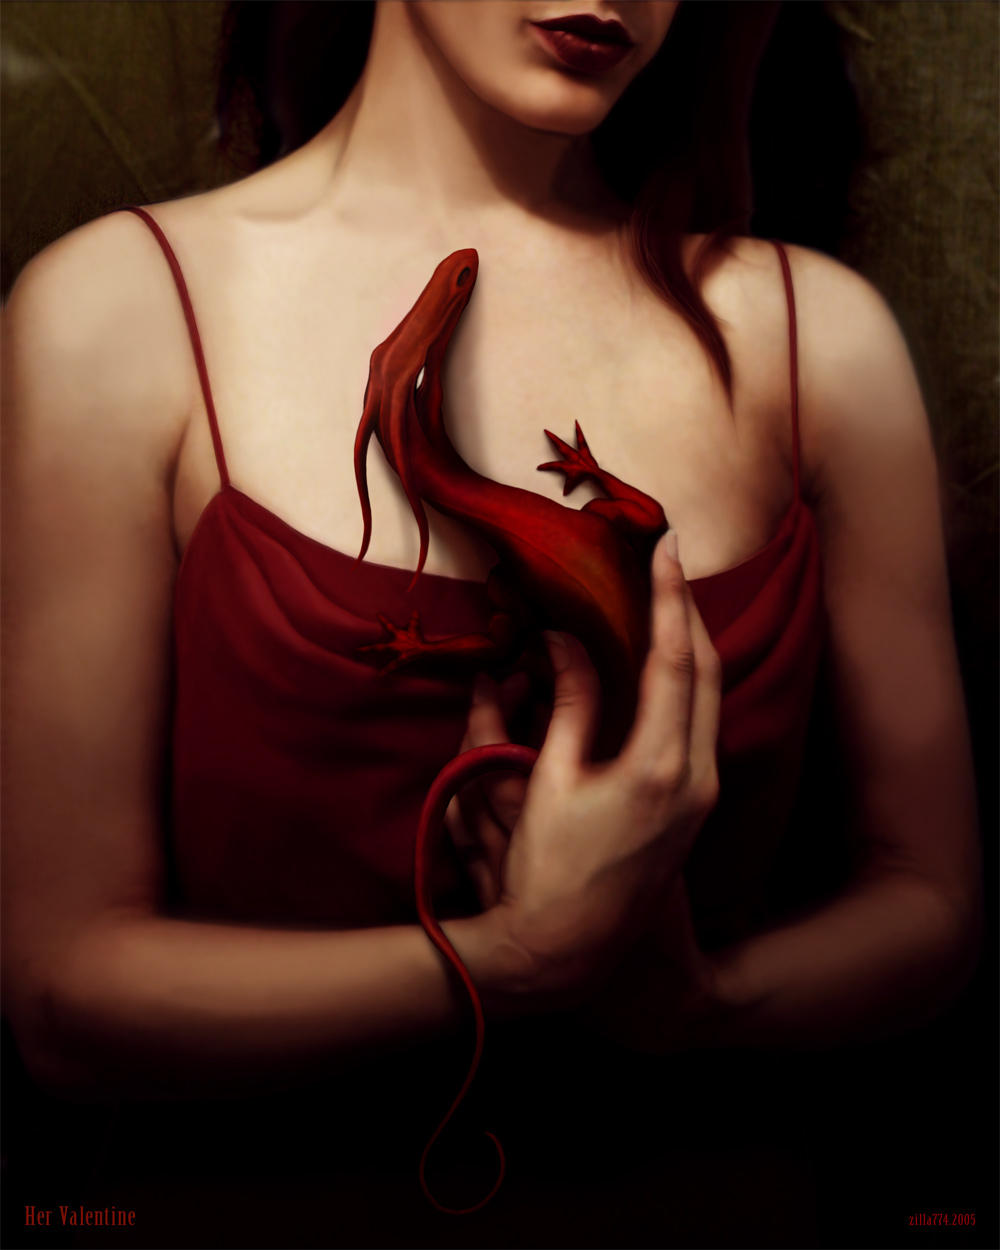 Her Valentine by zilla774 dans Fantastique Her_Valentine_by_zilla774